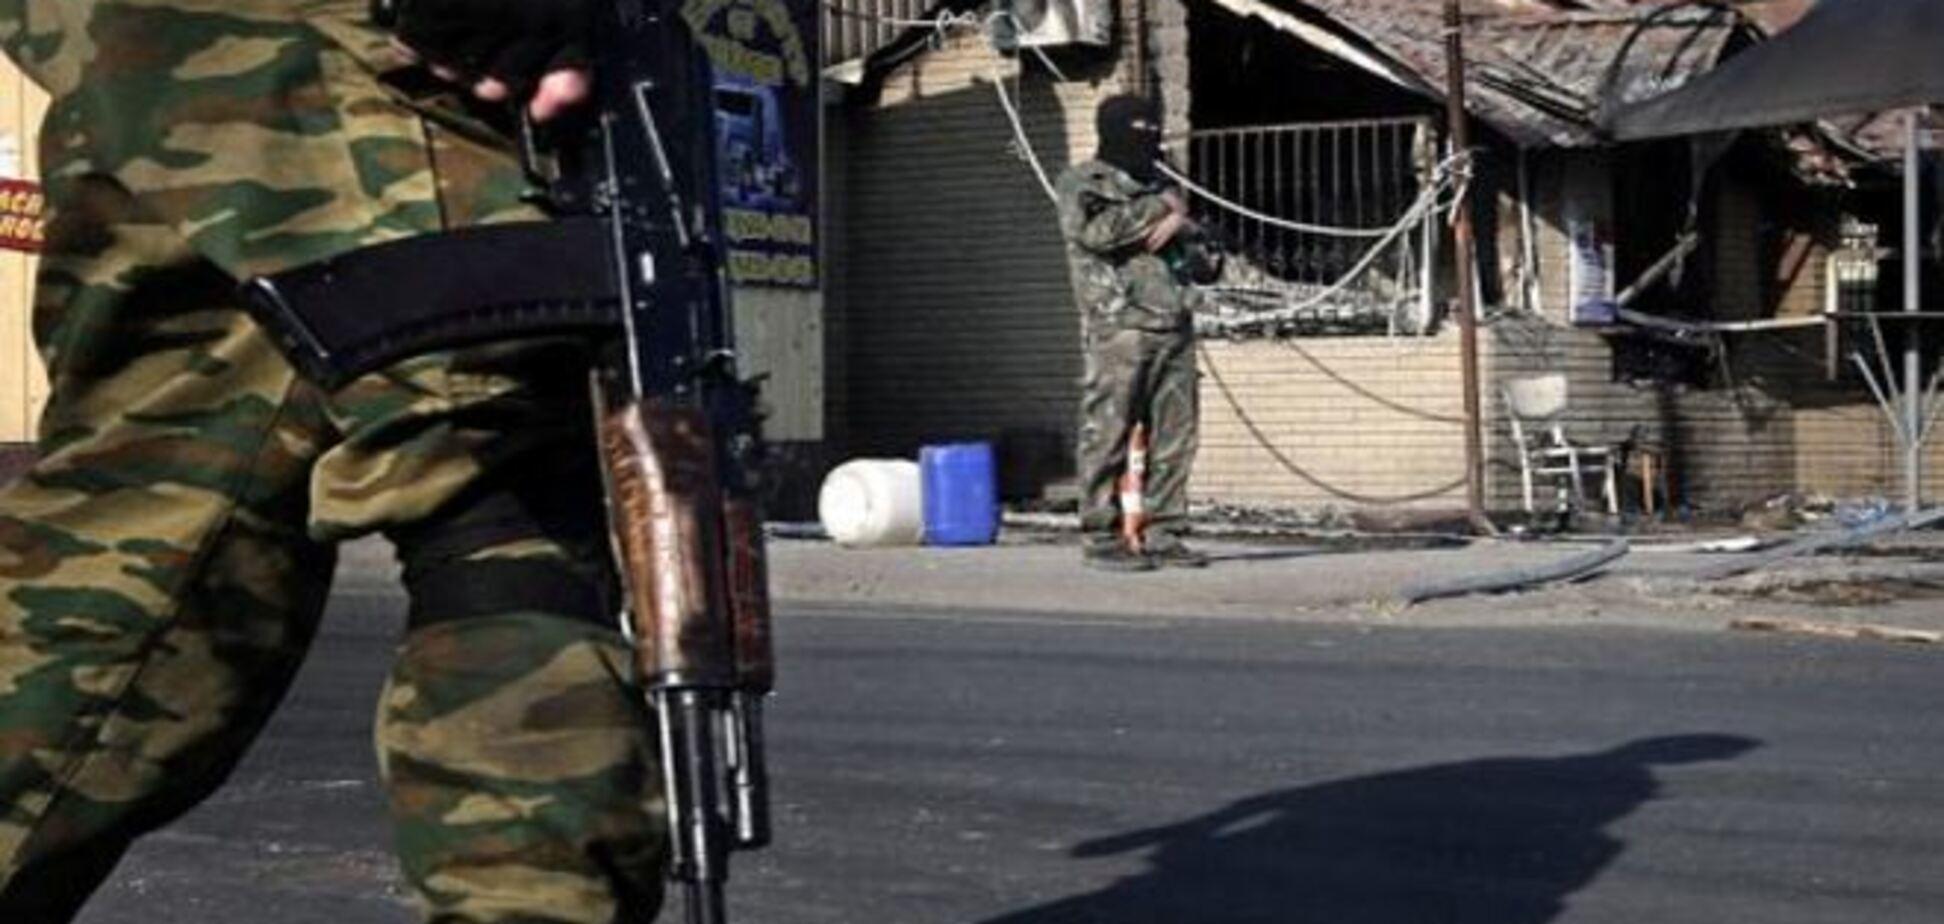 Боевики из 'ДНР' захватили в плен активиста гражданского сопротивления - СМИ